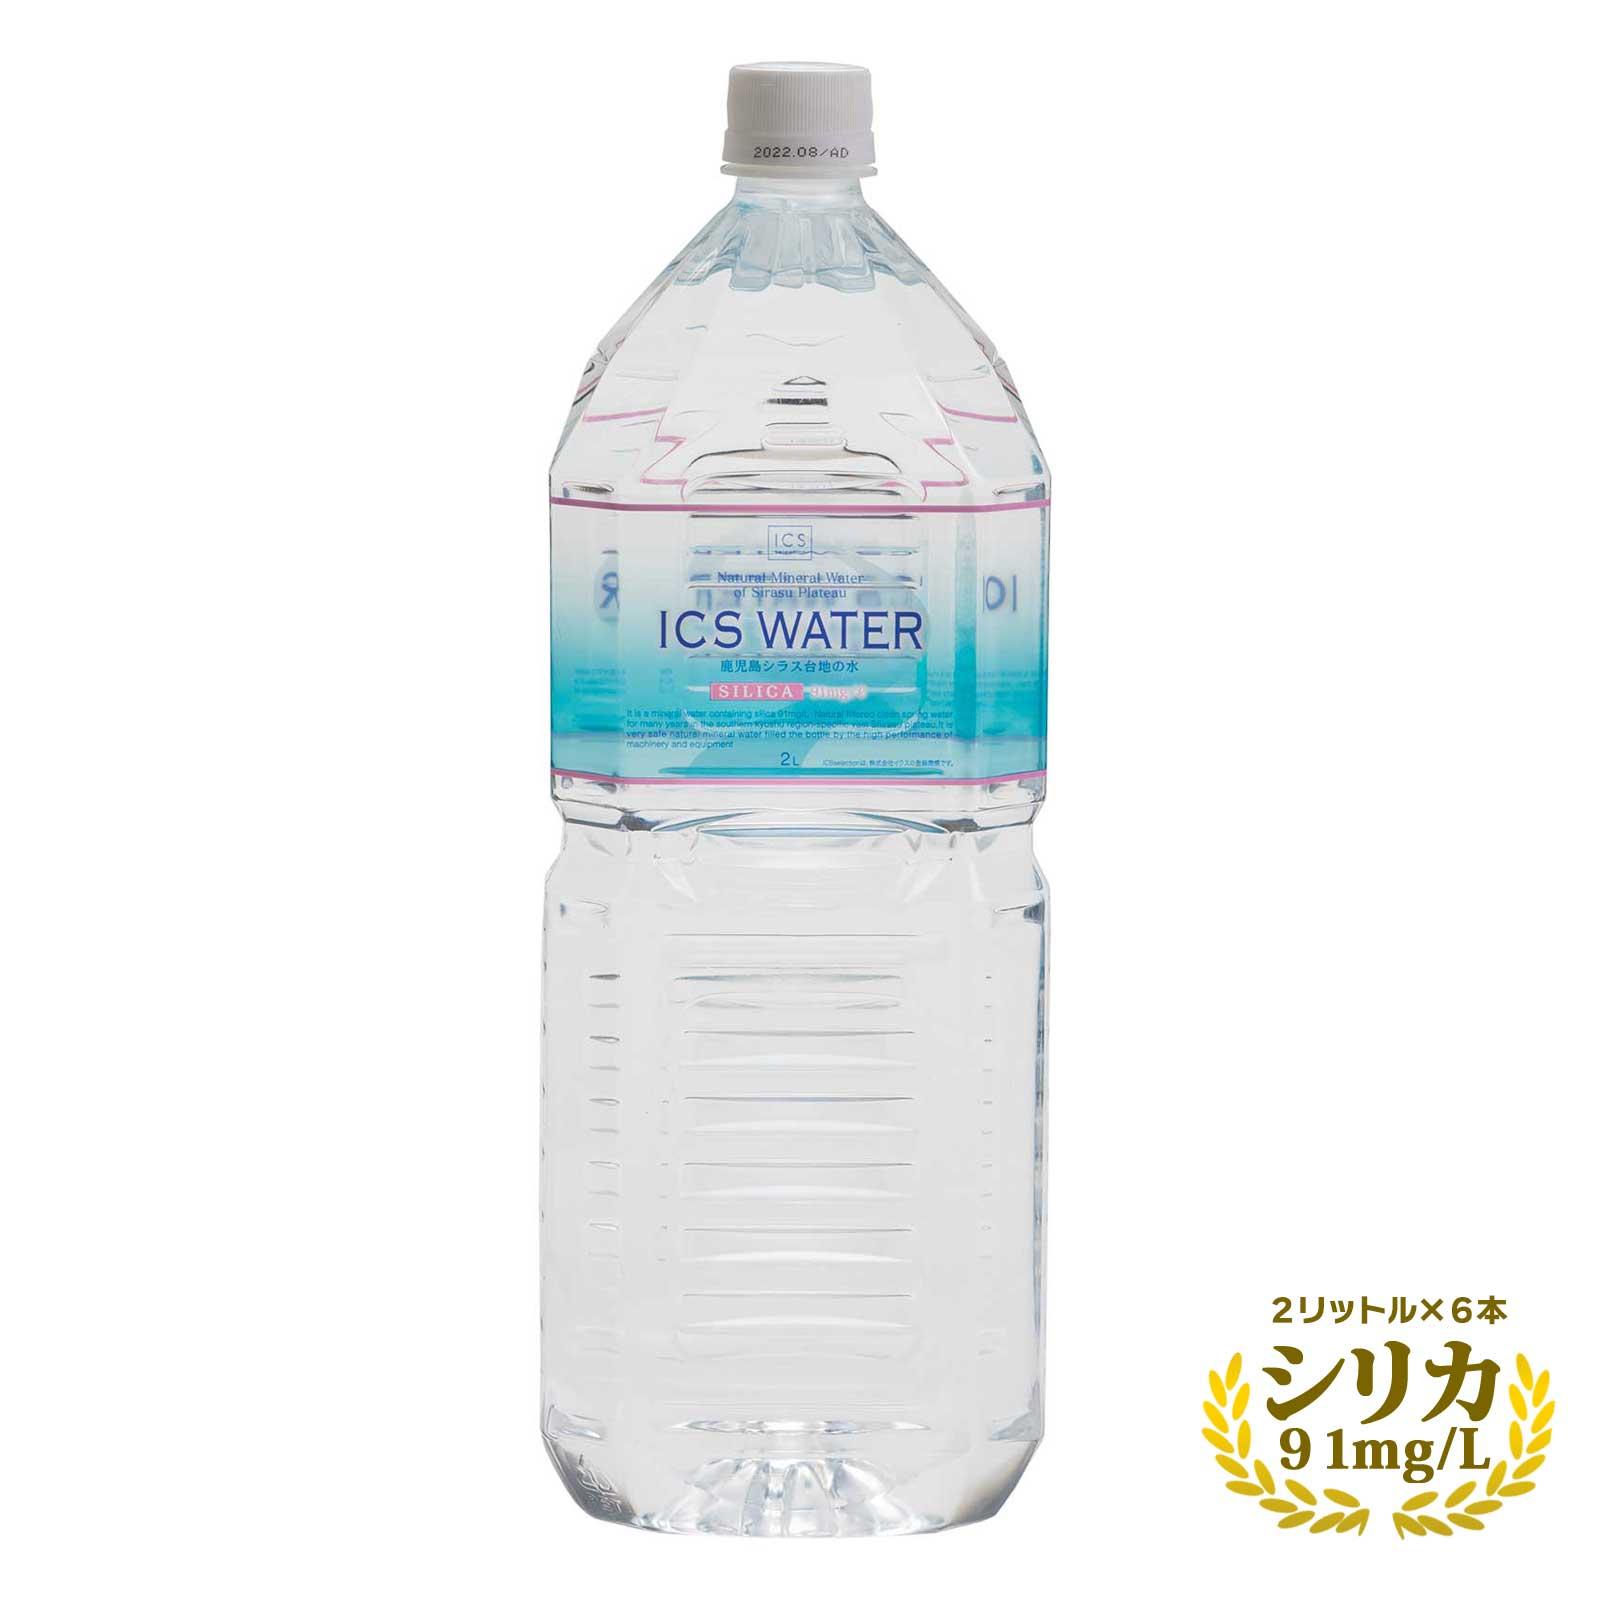 人気のシリカ水リニューアルしました 採水地 工場は変わりません 保存水備蓄水としてもご利用いただいています 賞味期限製造から2年 シリカ水 91mg 贈り物 L ミネラルウォーター イクスウォーター 激安 ペットボトル ケイ素 6本 全国送料無料 2L 九州